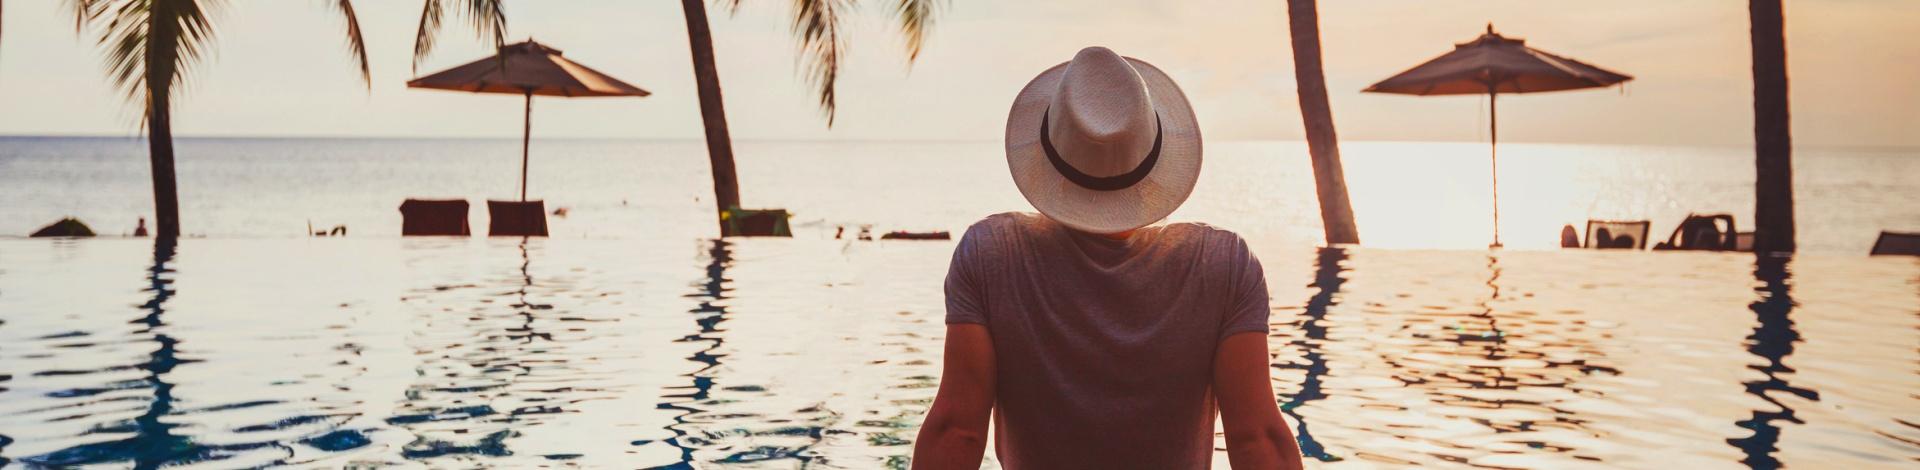 Die Top 50 männlichen Reiseblogger: Mann mit Hut schaut auf Pool und Palmen